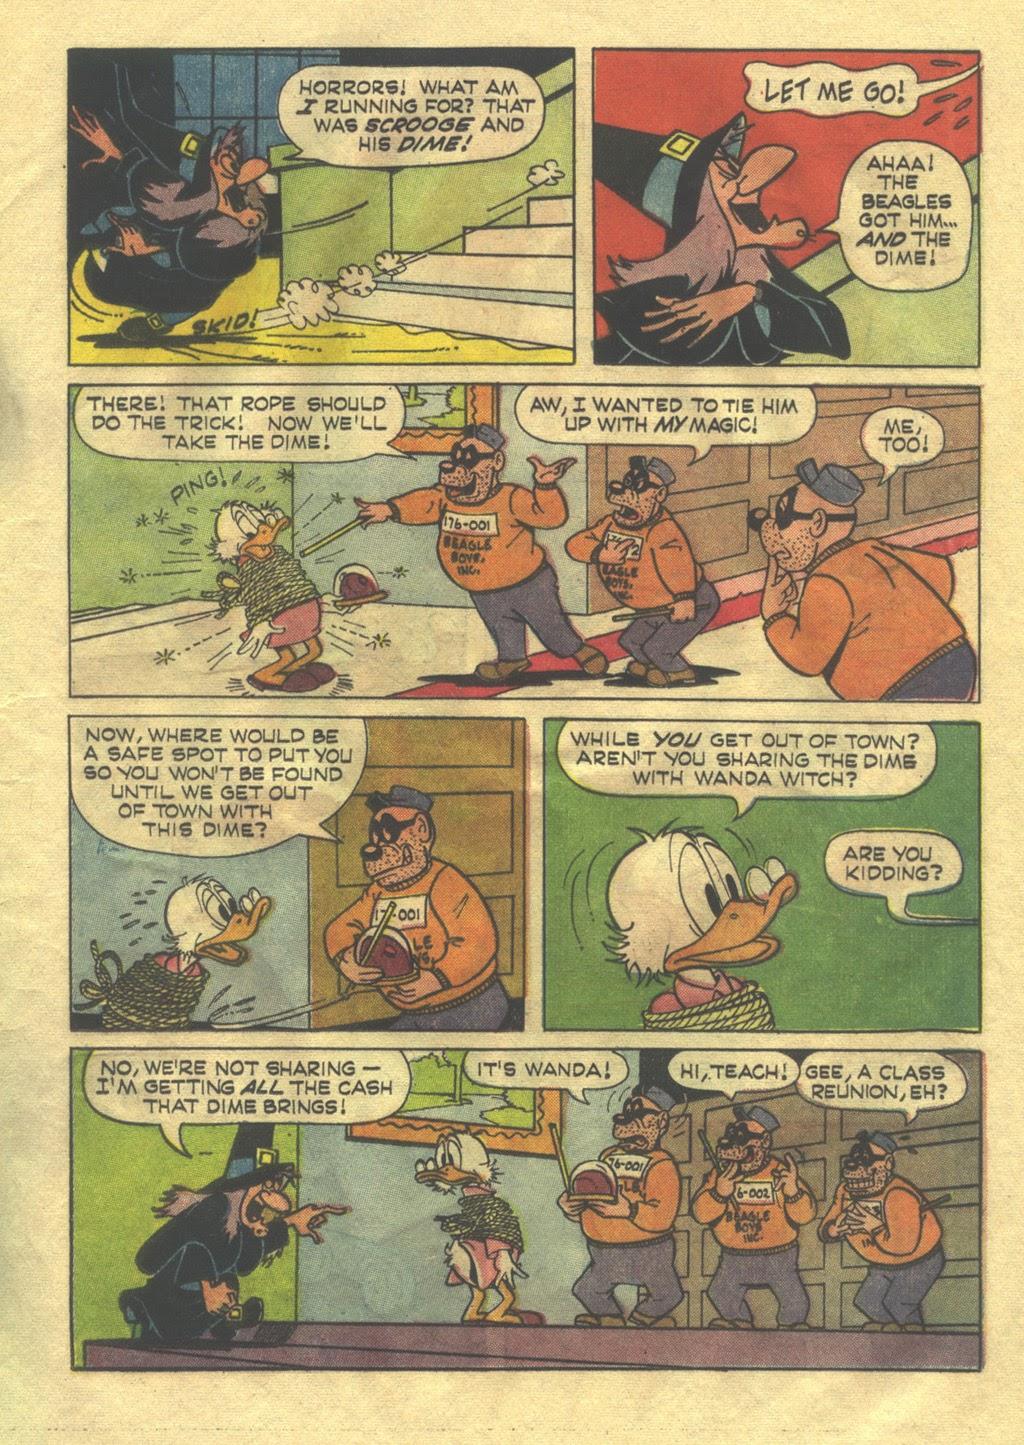 Walt Disney THE BEAGLE BOYS issue 2 - Page 13